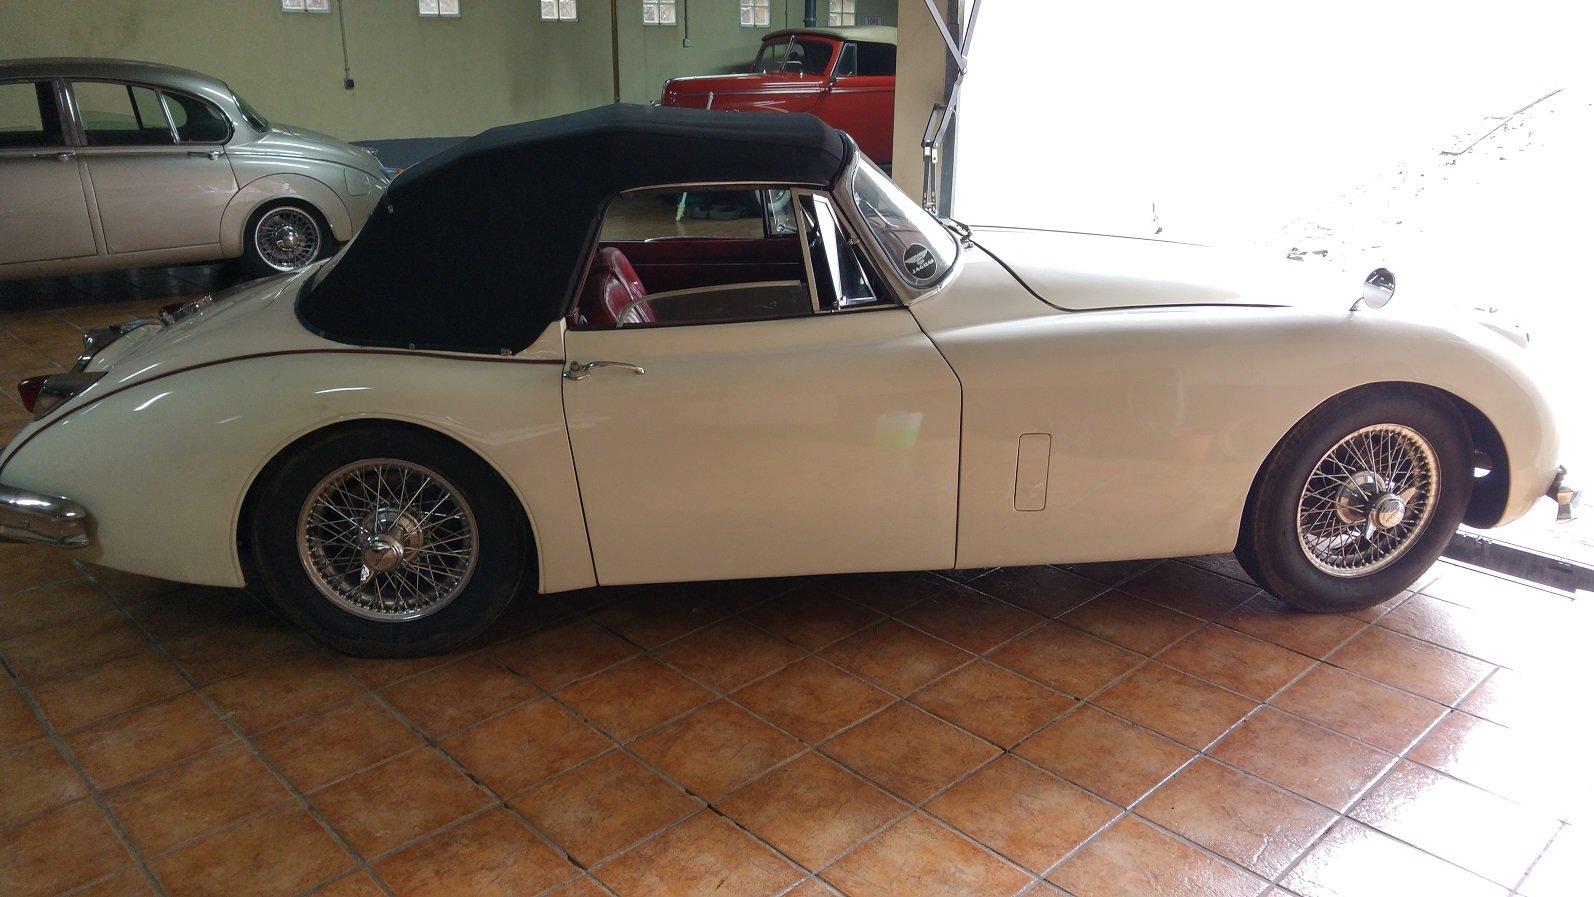 1958 Jaguar xk 150 cabriolet For Sale (picture 2 of 6)